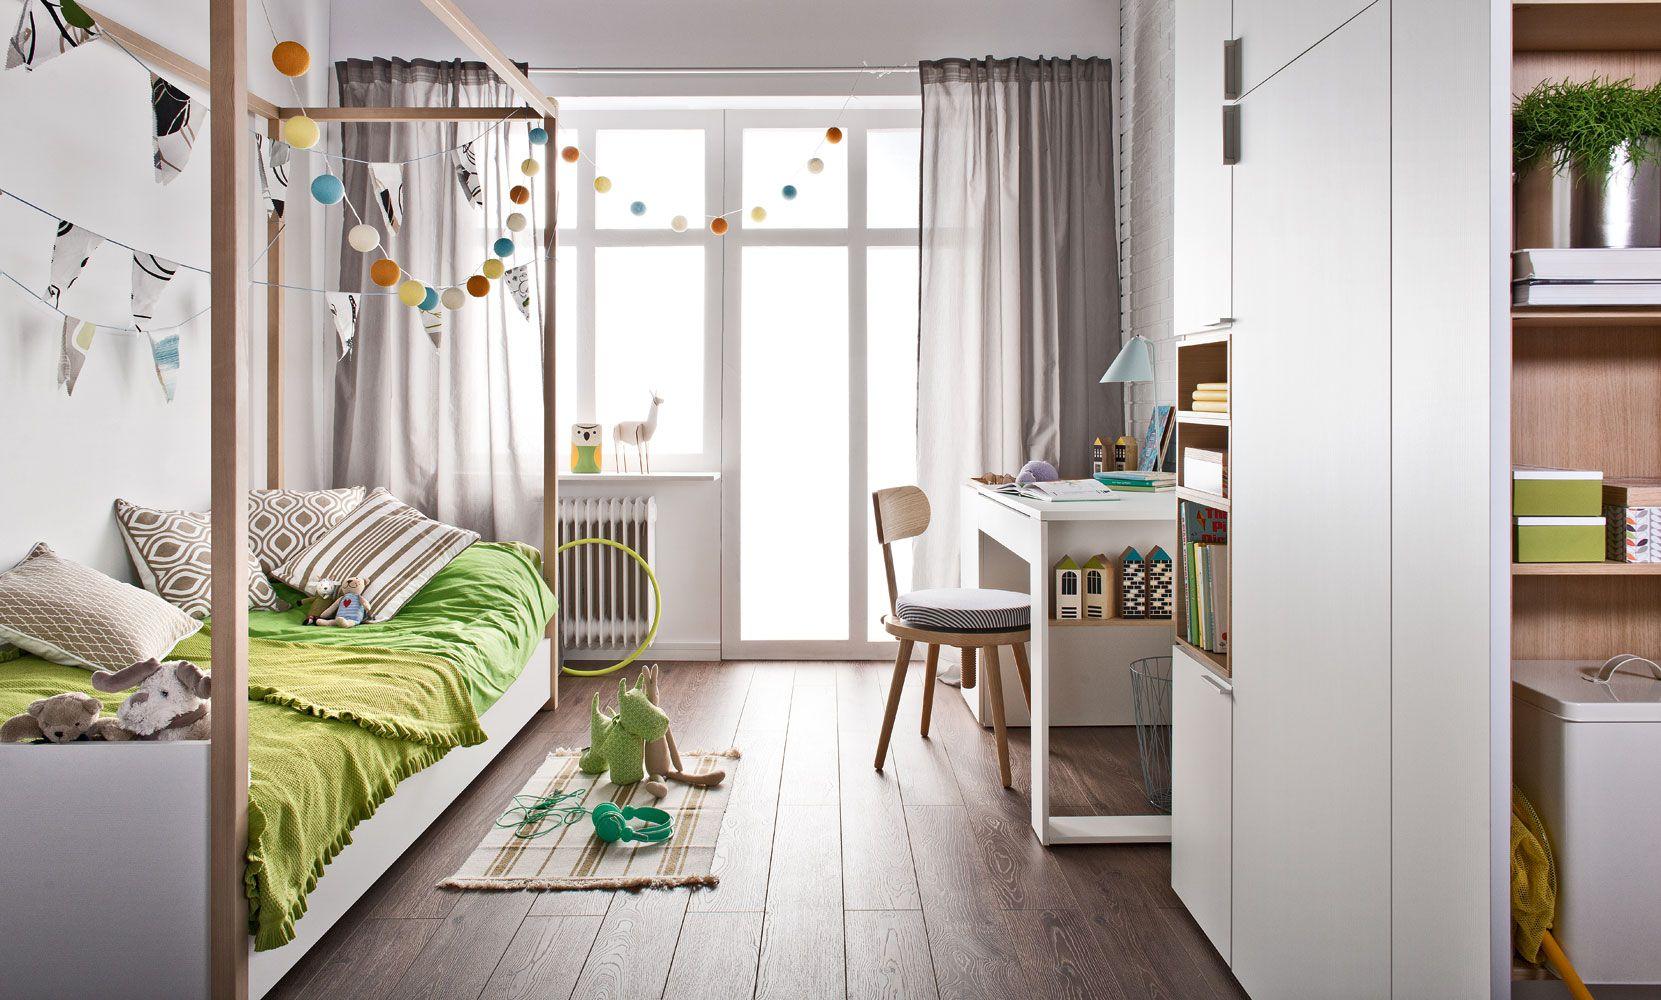 Jugendzimmer Komplett - Set A Minnea, 4-teilig, Farbe: Weiß / Eiche